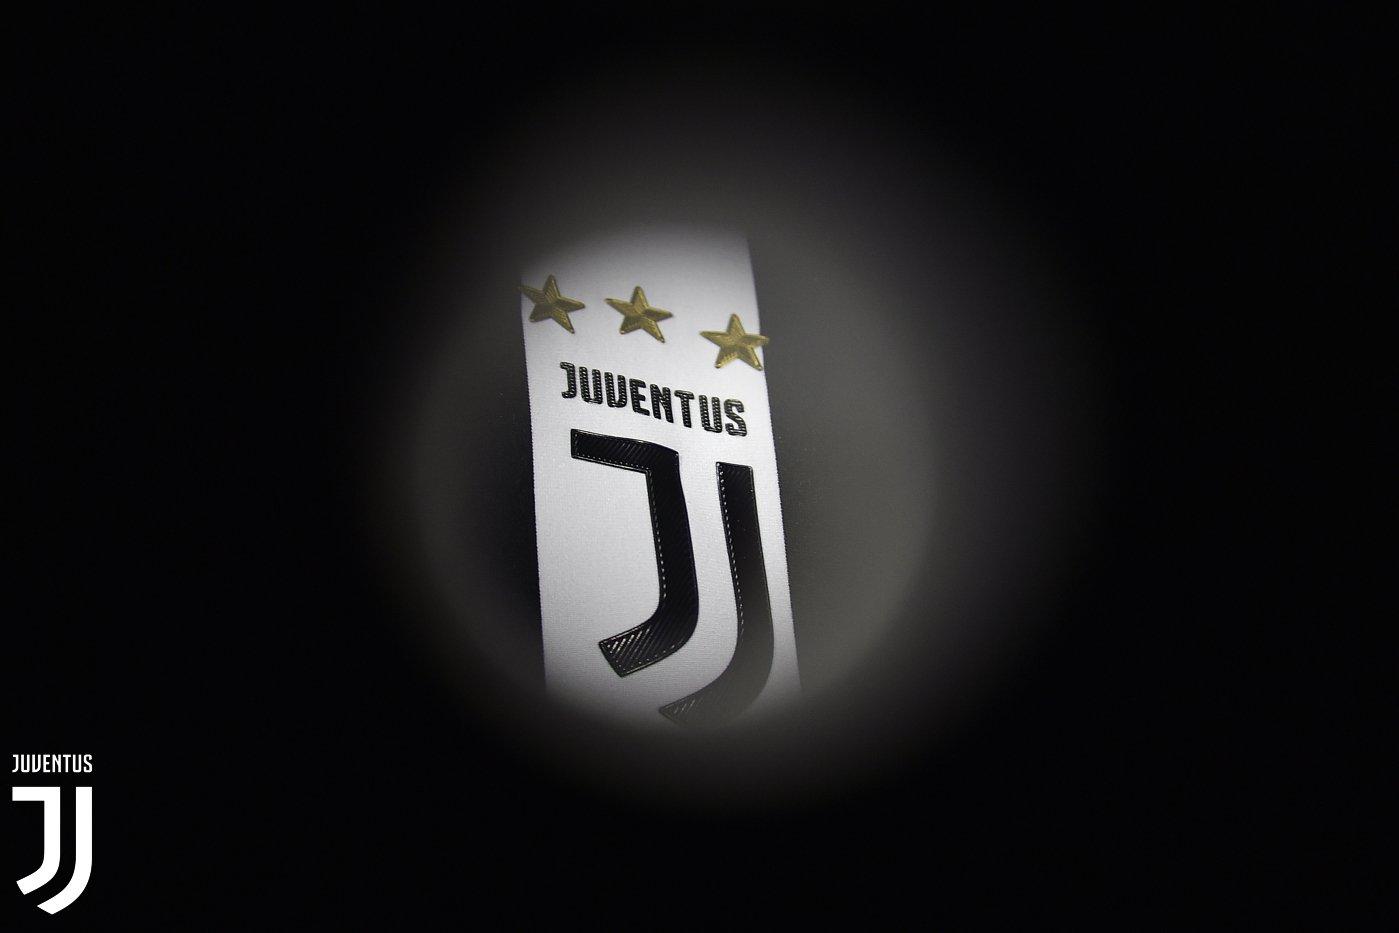 Juventus New Logos